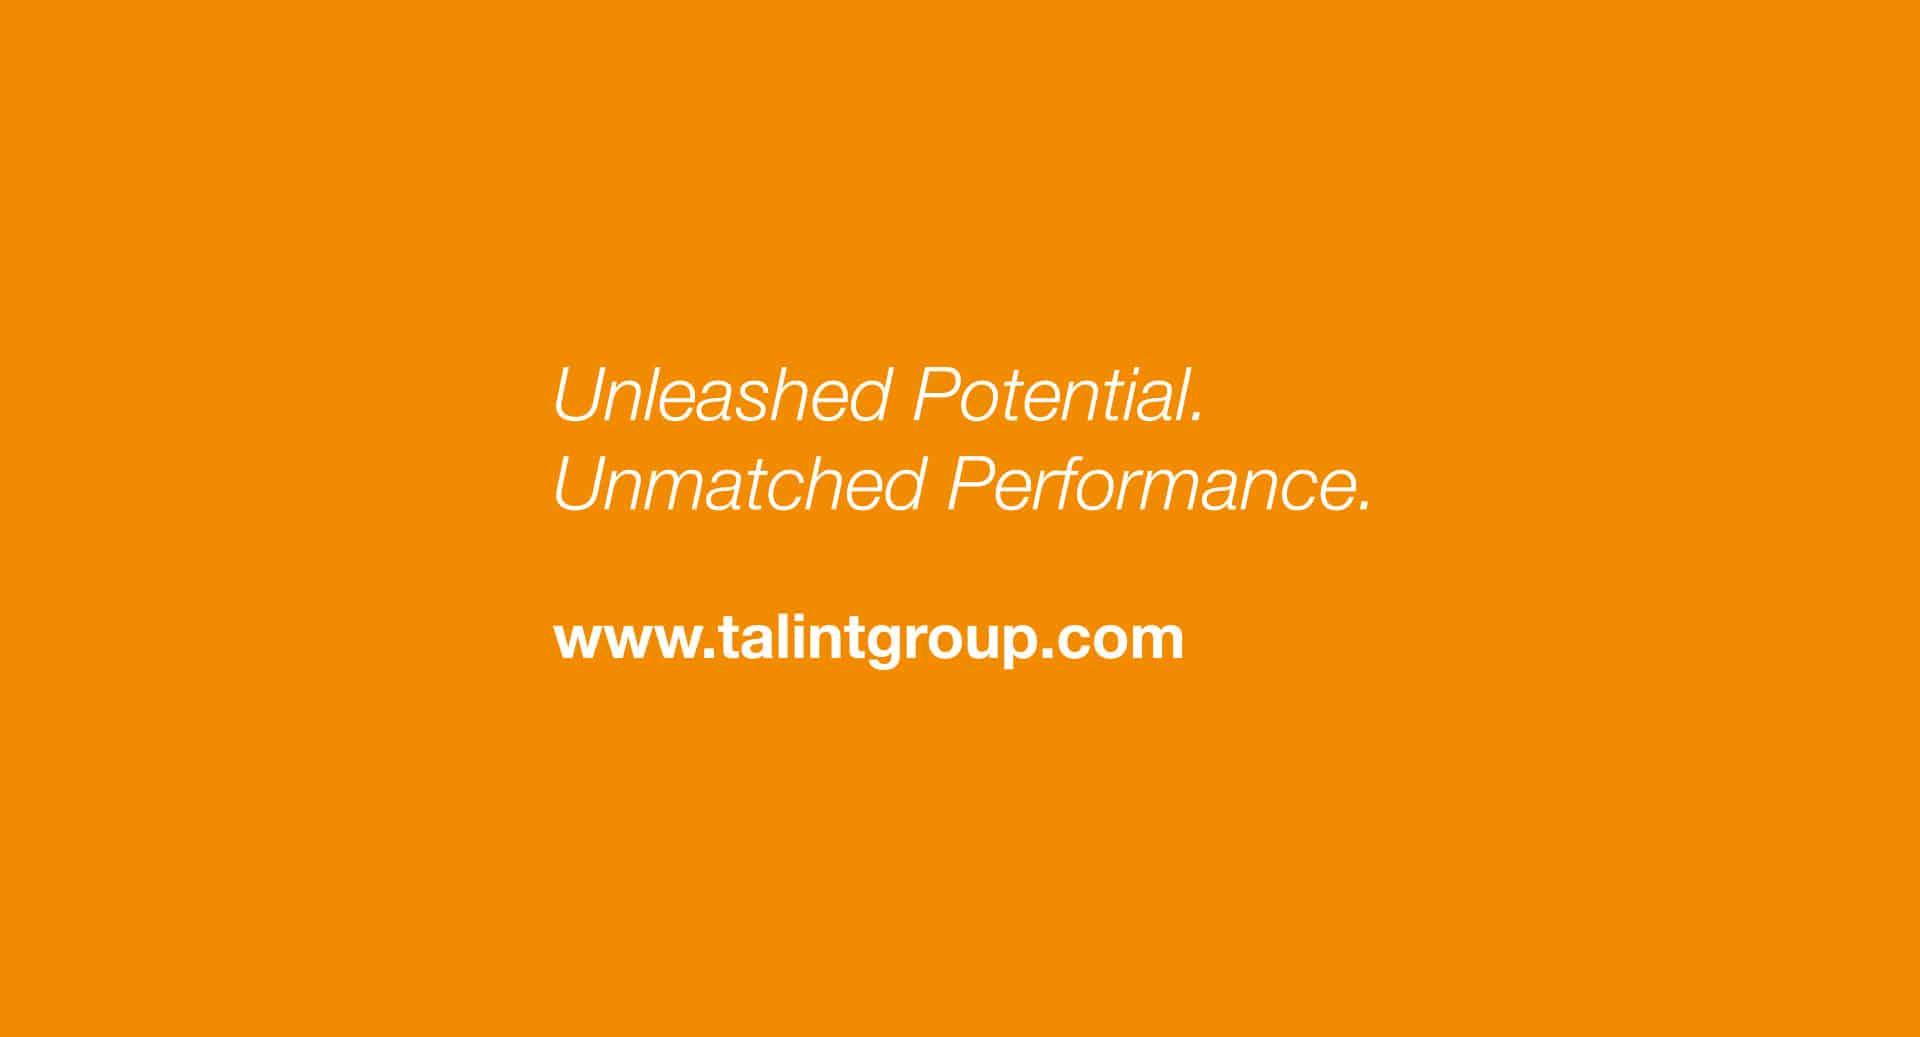 talint-tagline-halfwidth